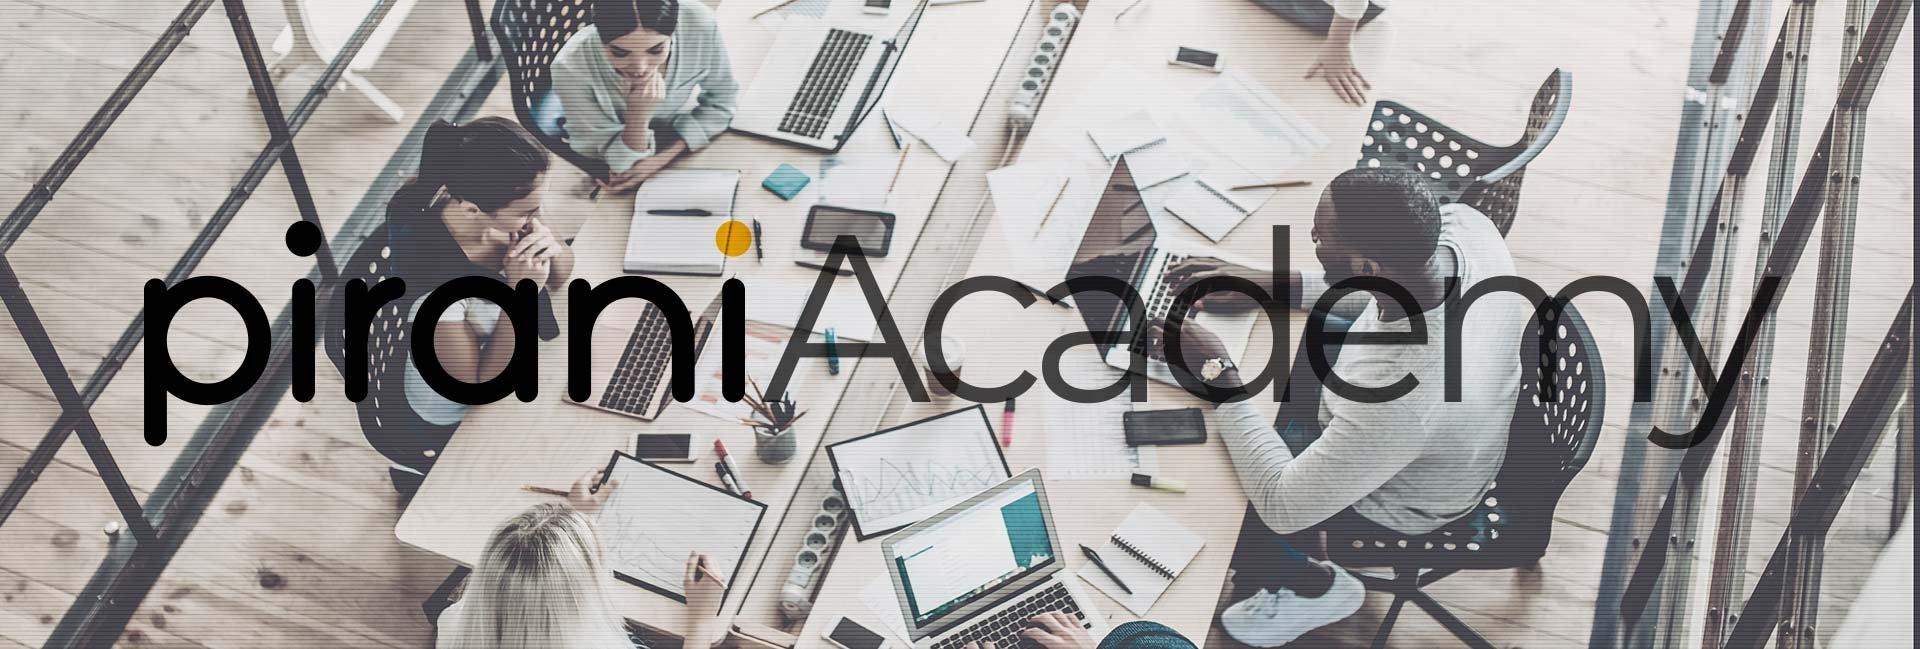 header_academy_v2